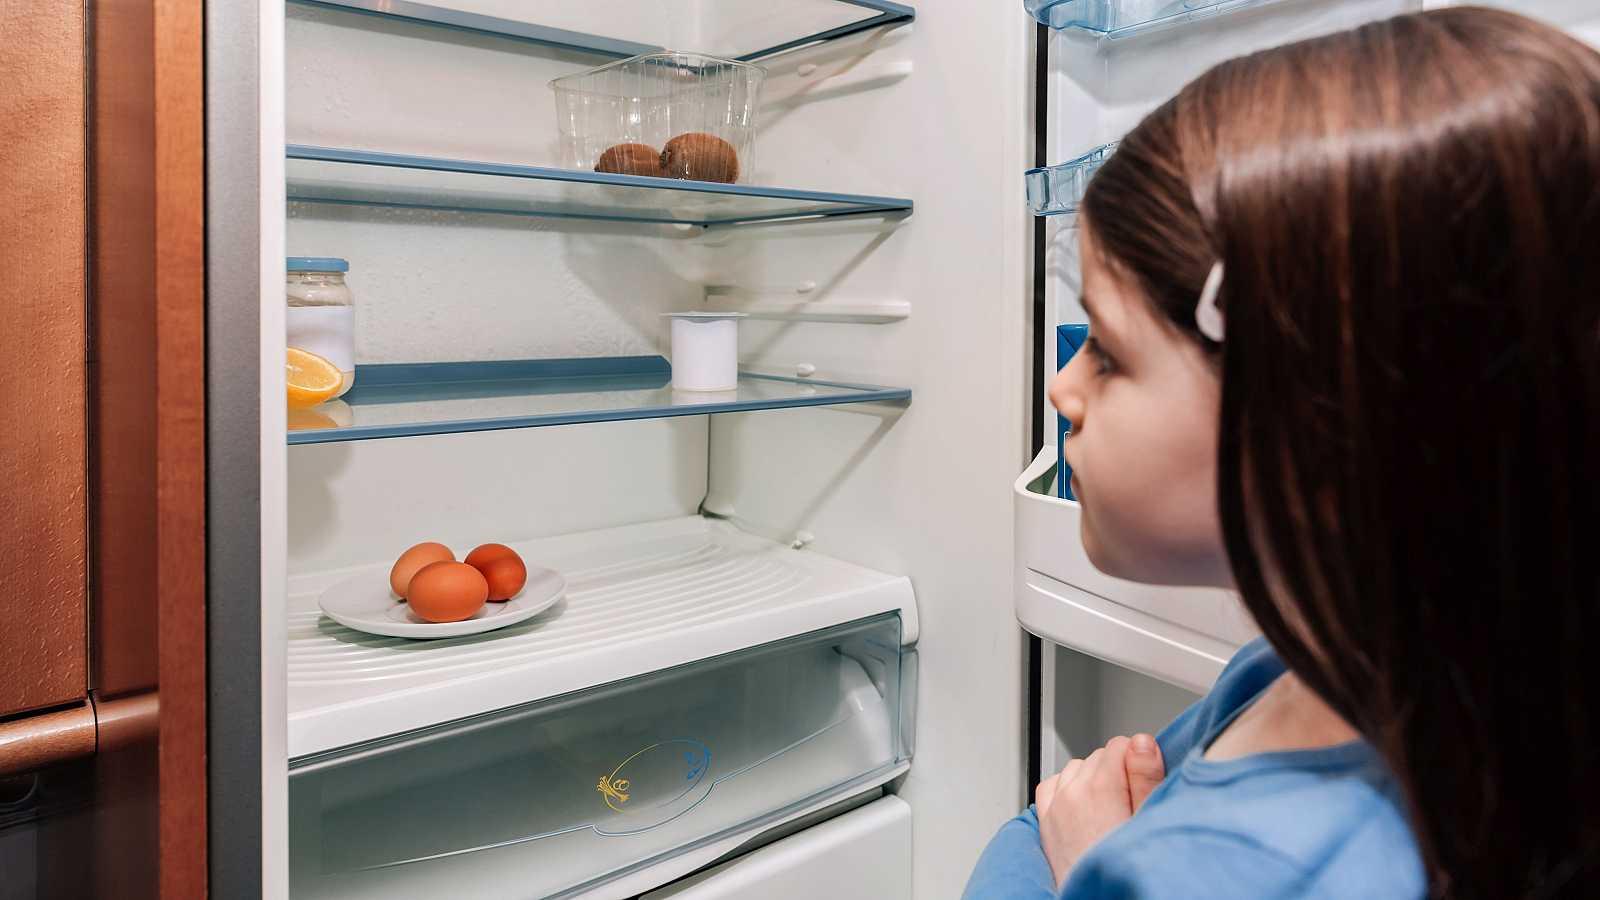 Una niña abre la nevera casi vacía de alimentos.